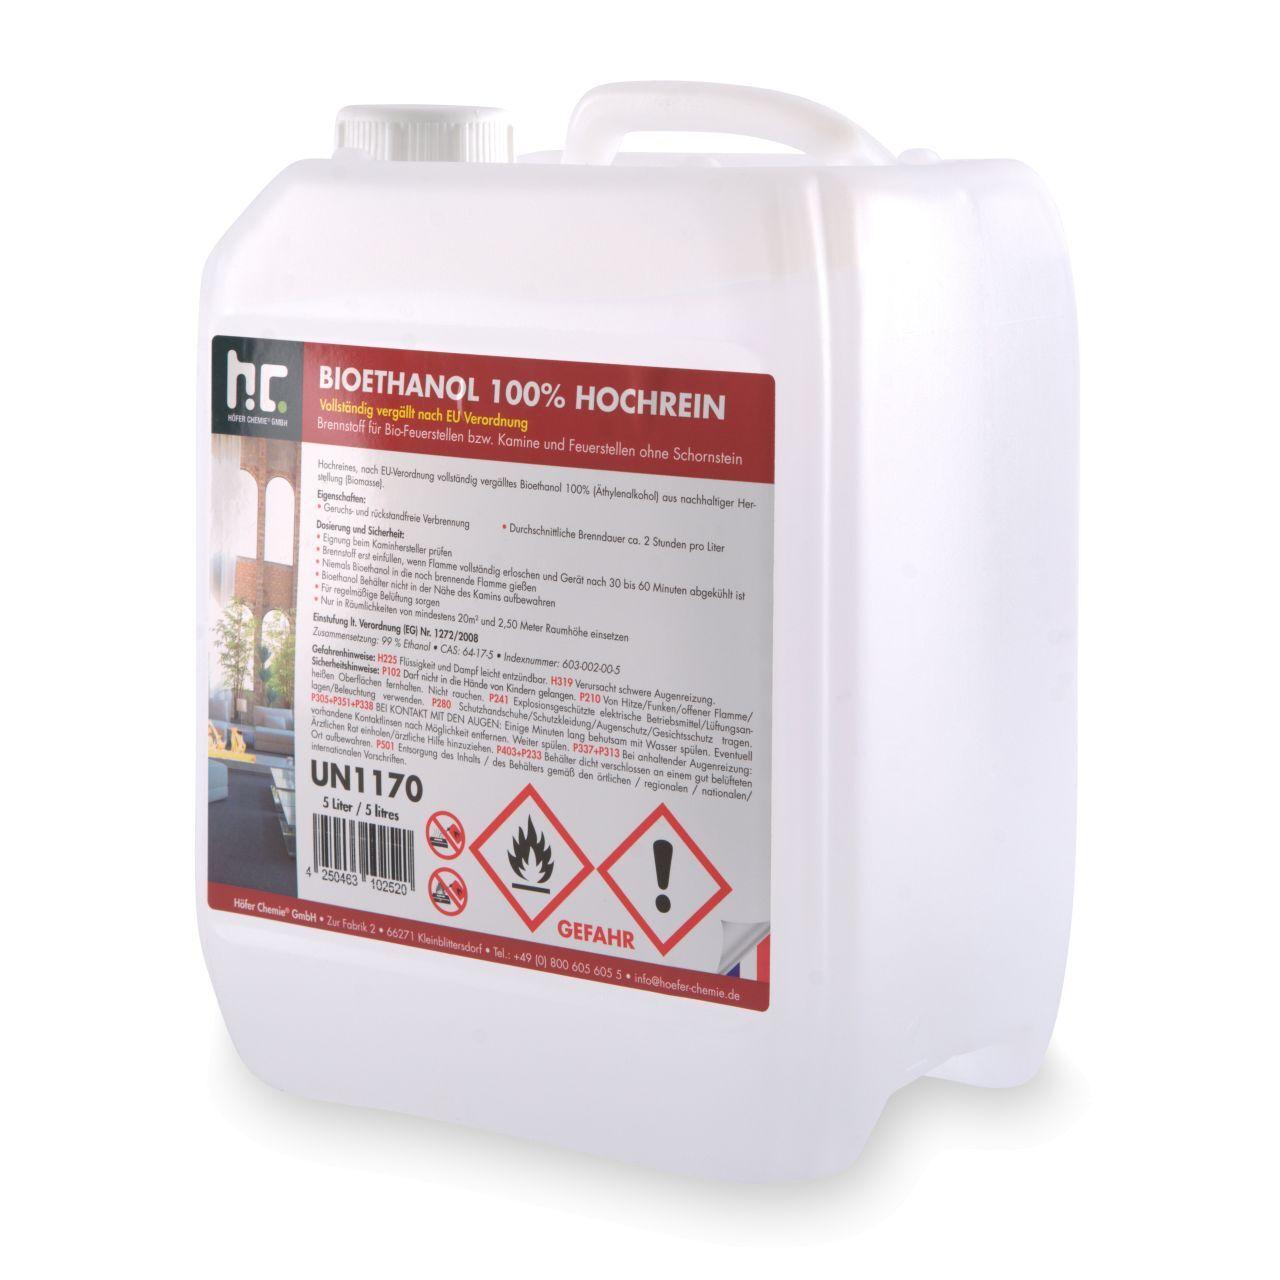 Höfer Chemie 10 l Bioéthanol à 100 % dénaturé en bidon de 5 litres (2 x 5 l)